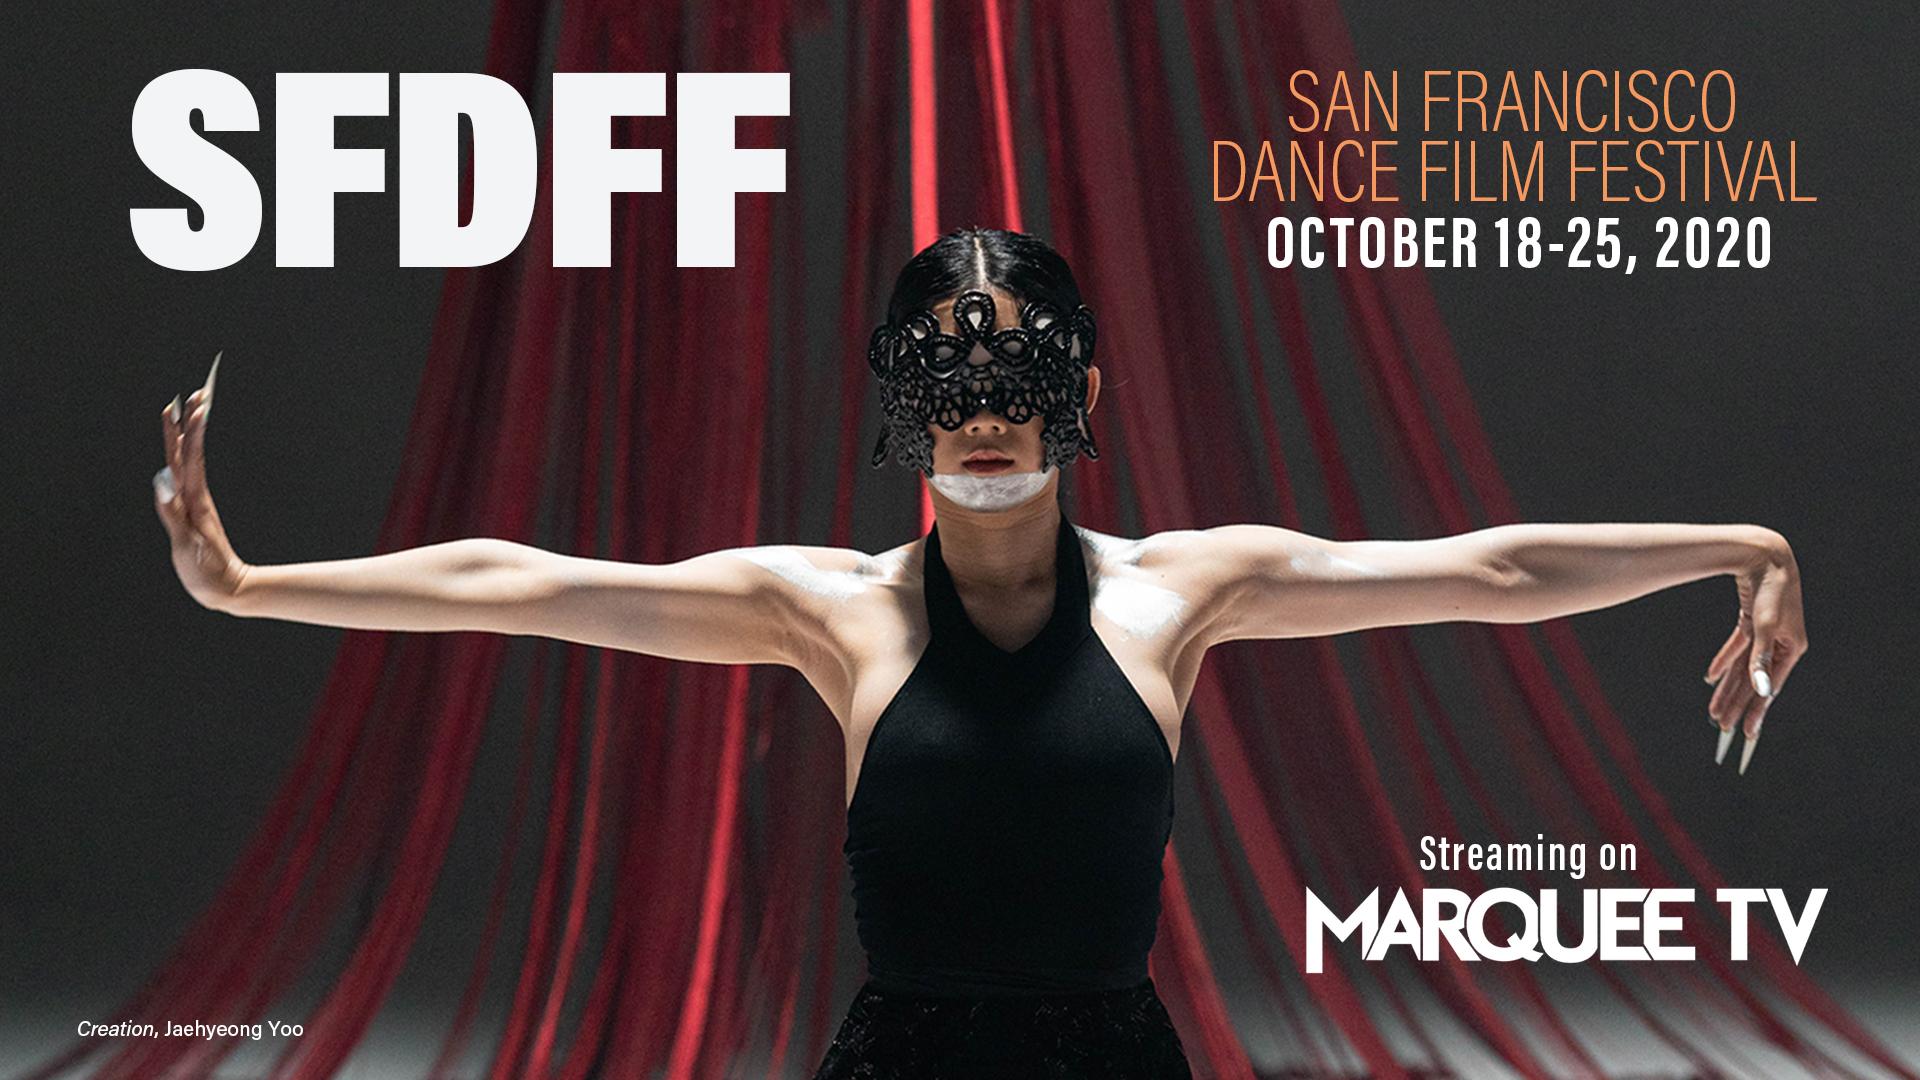 2020 SFDFF Festival banner image